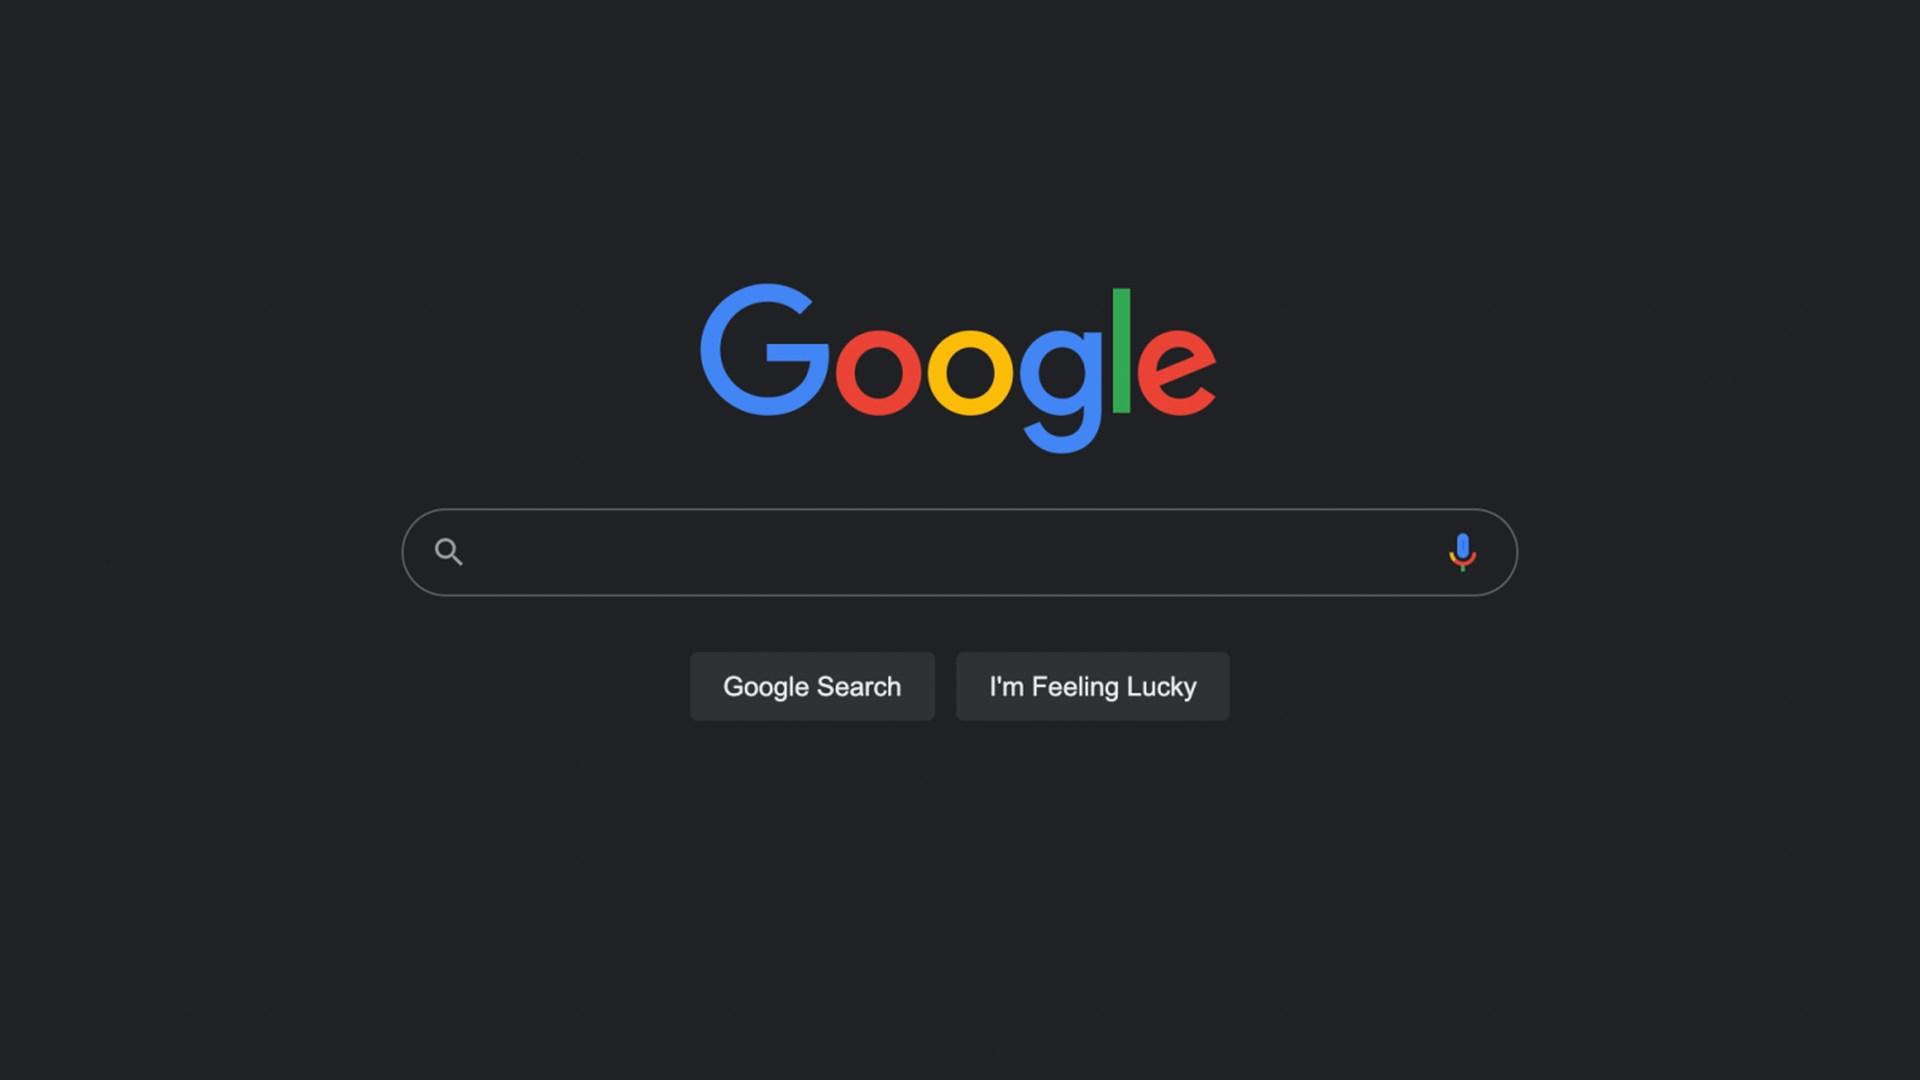 Google, Windows 10, Browser, Chrome, Google Chrome, Dark Mode, Canary, Microsoft Windows 10, Chrome Canary